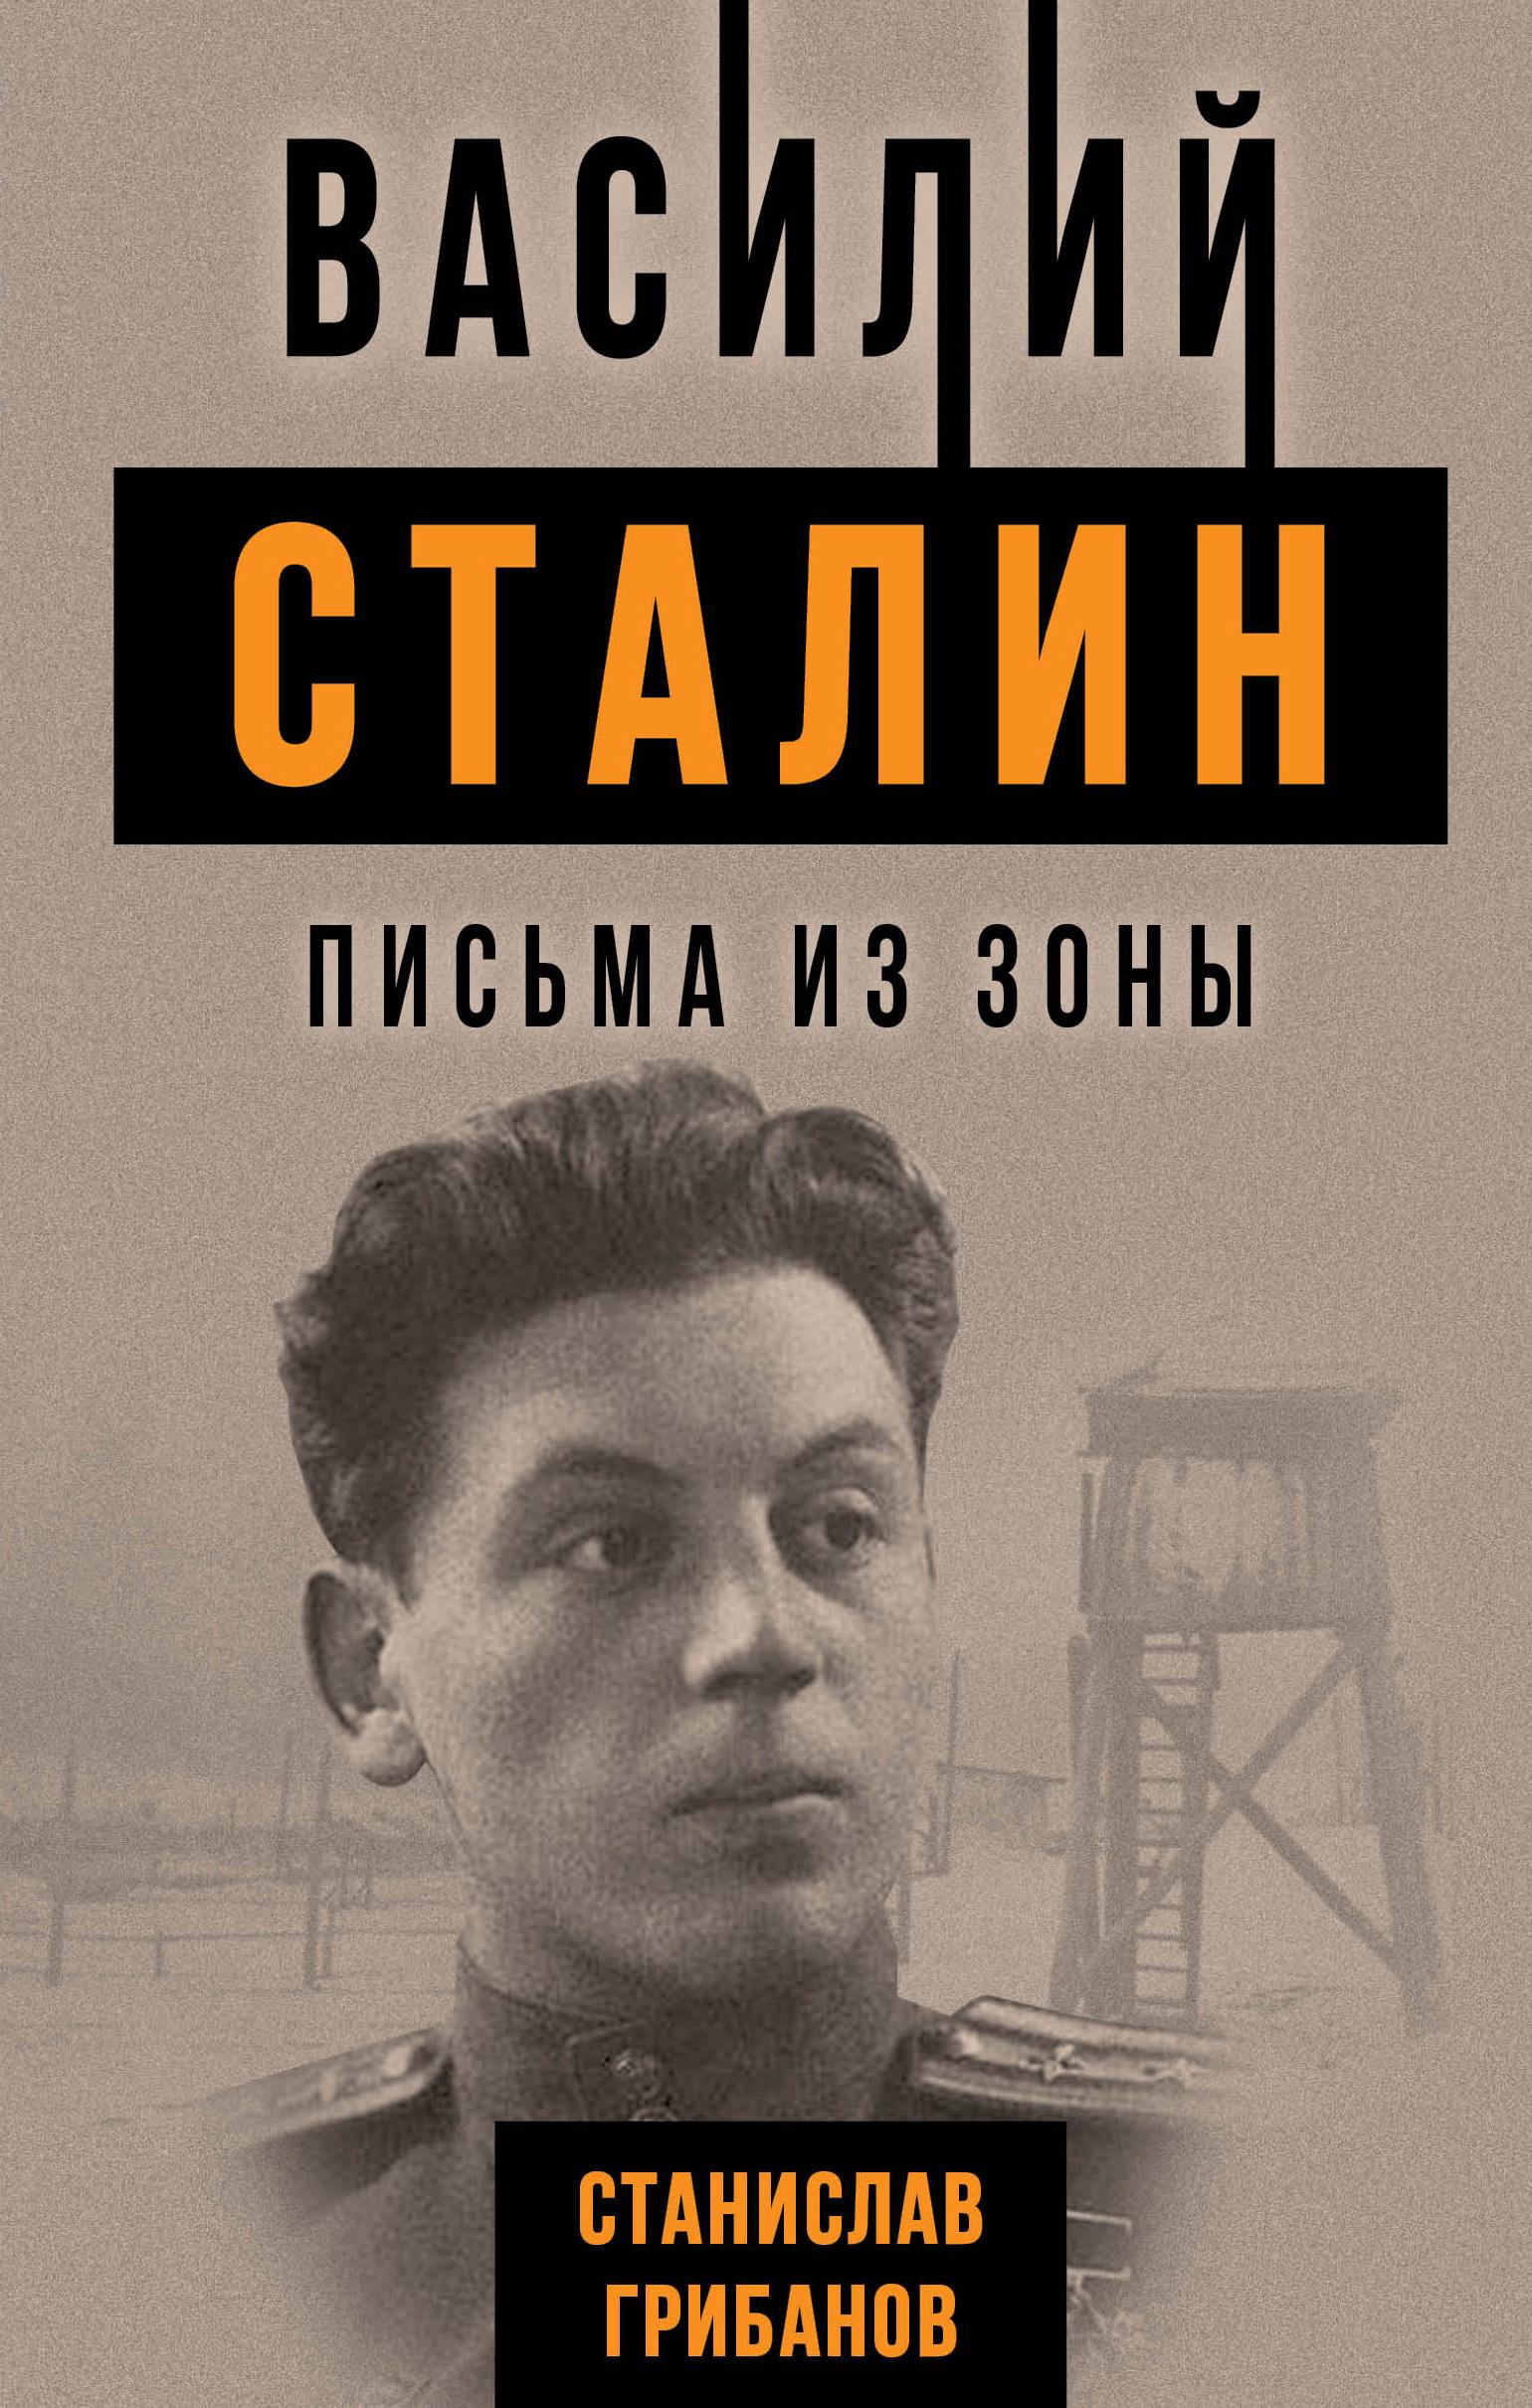 Stanislav_Gribanov__Vasilij_Stalin._Pism